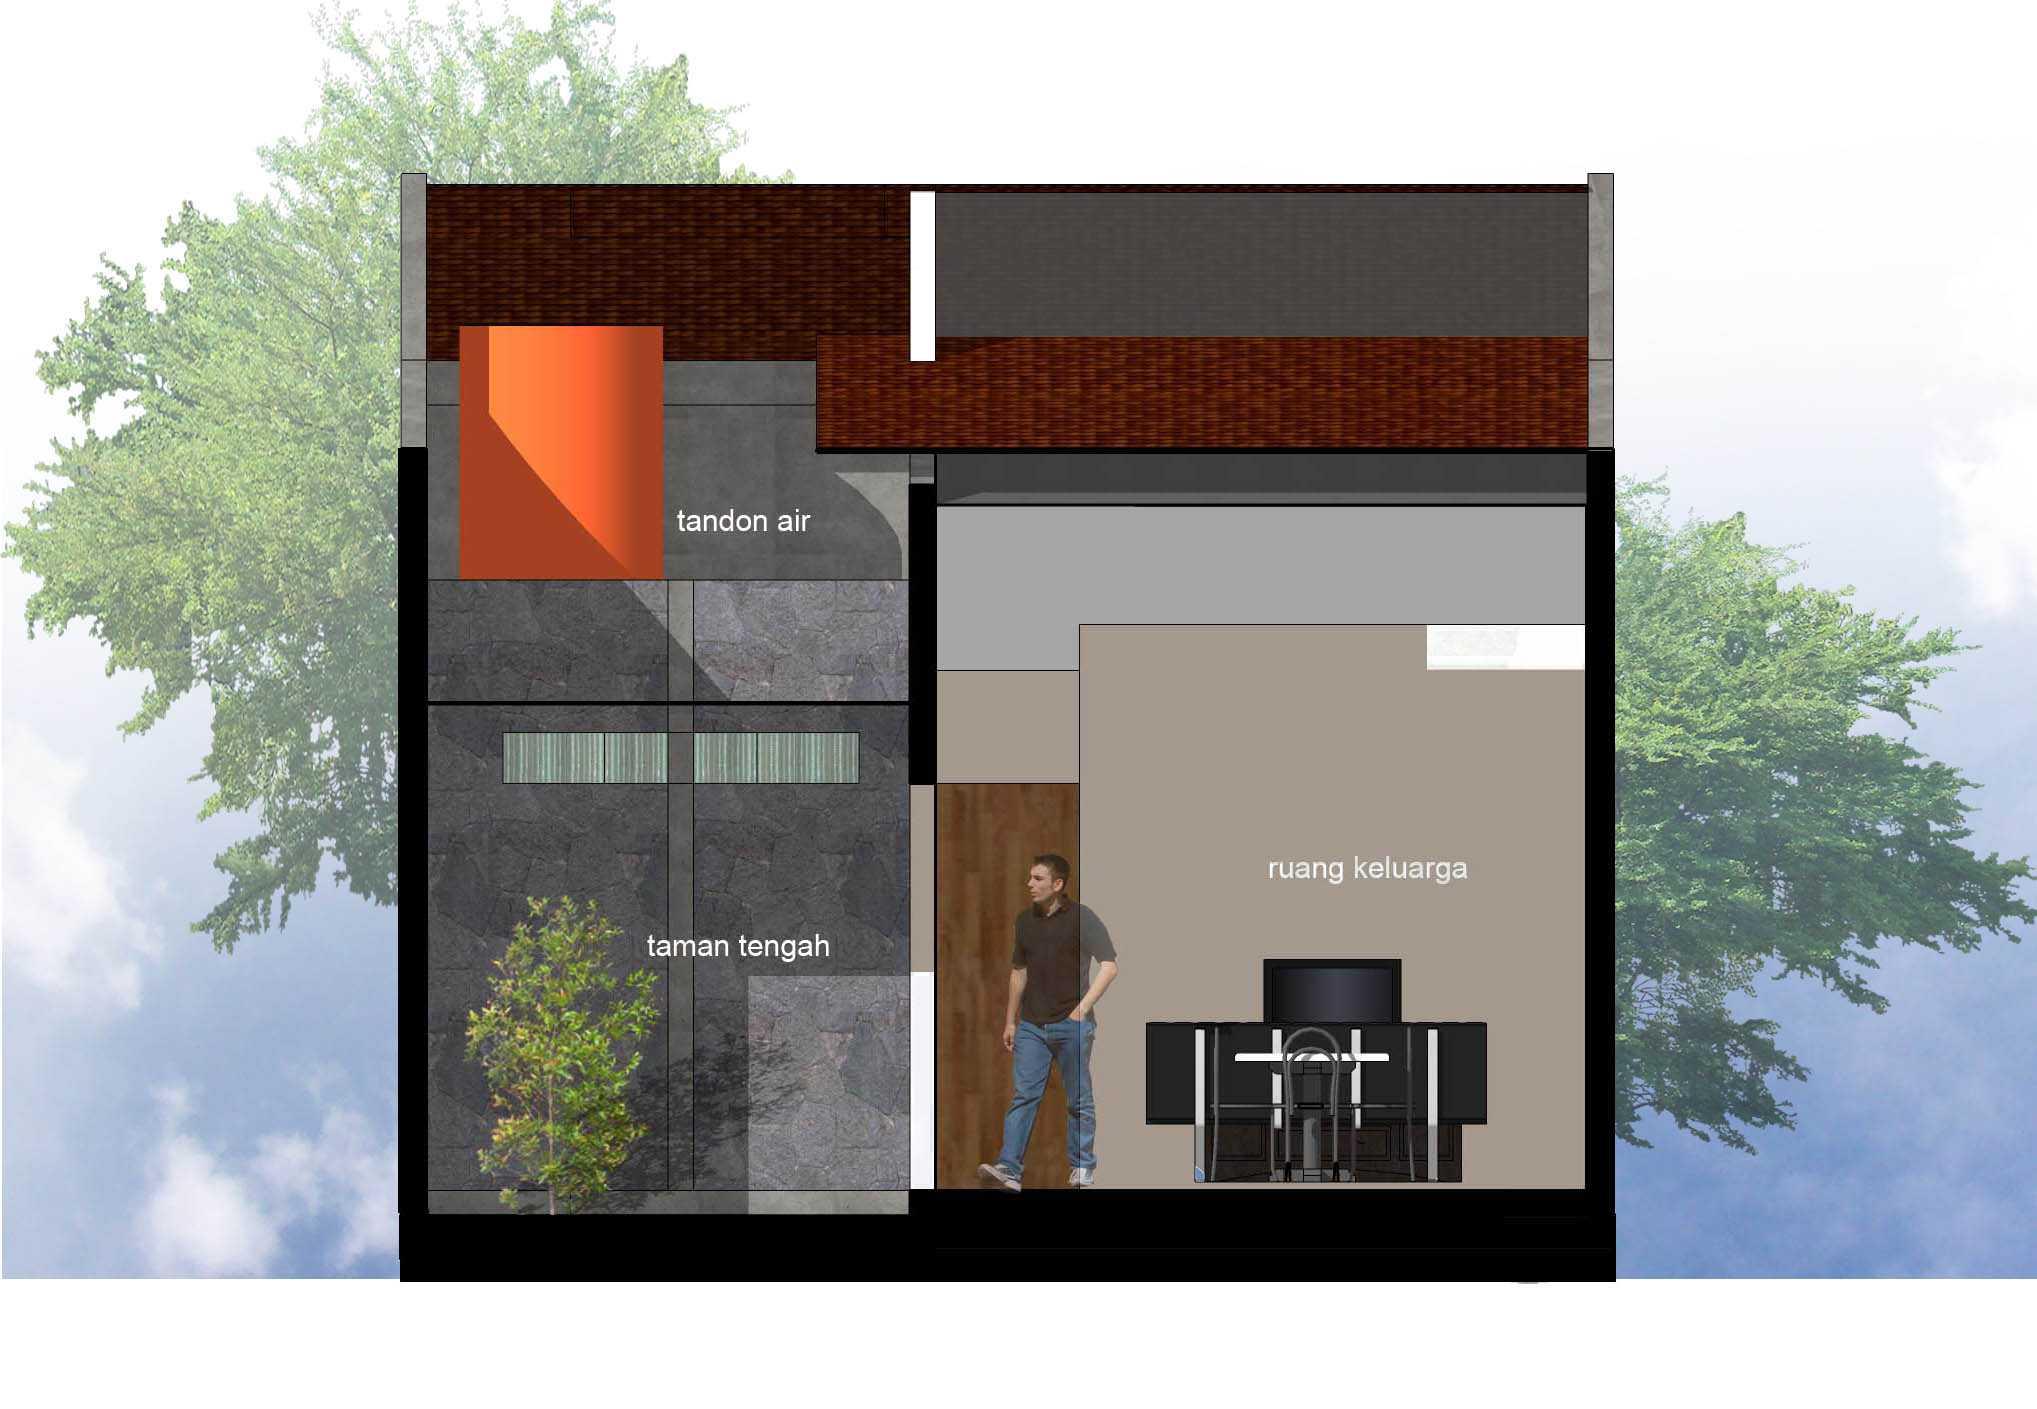 Yulius Gilang Architecture Design Studio Rumah Keruing  Semarang, Kota Semarang, Jawa Tengah, Indonesia Semarang, Kota Semarang, Jawa Tengah, Indonesia Section 2   47302